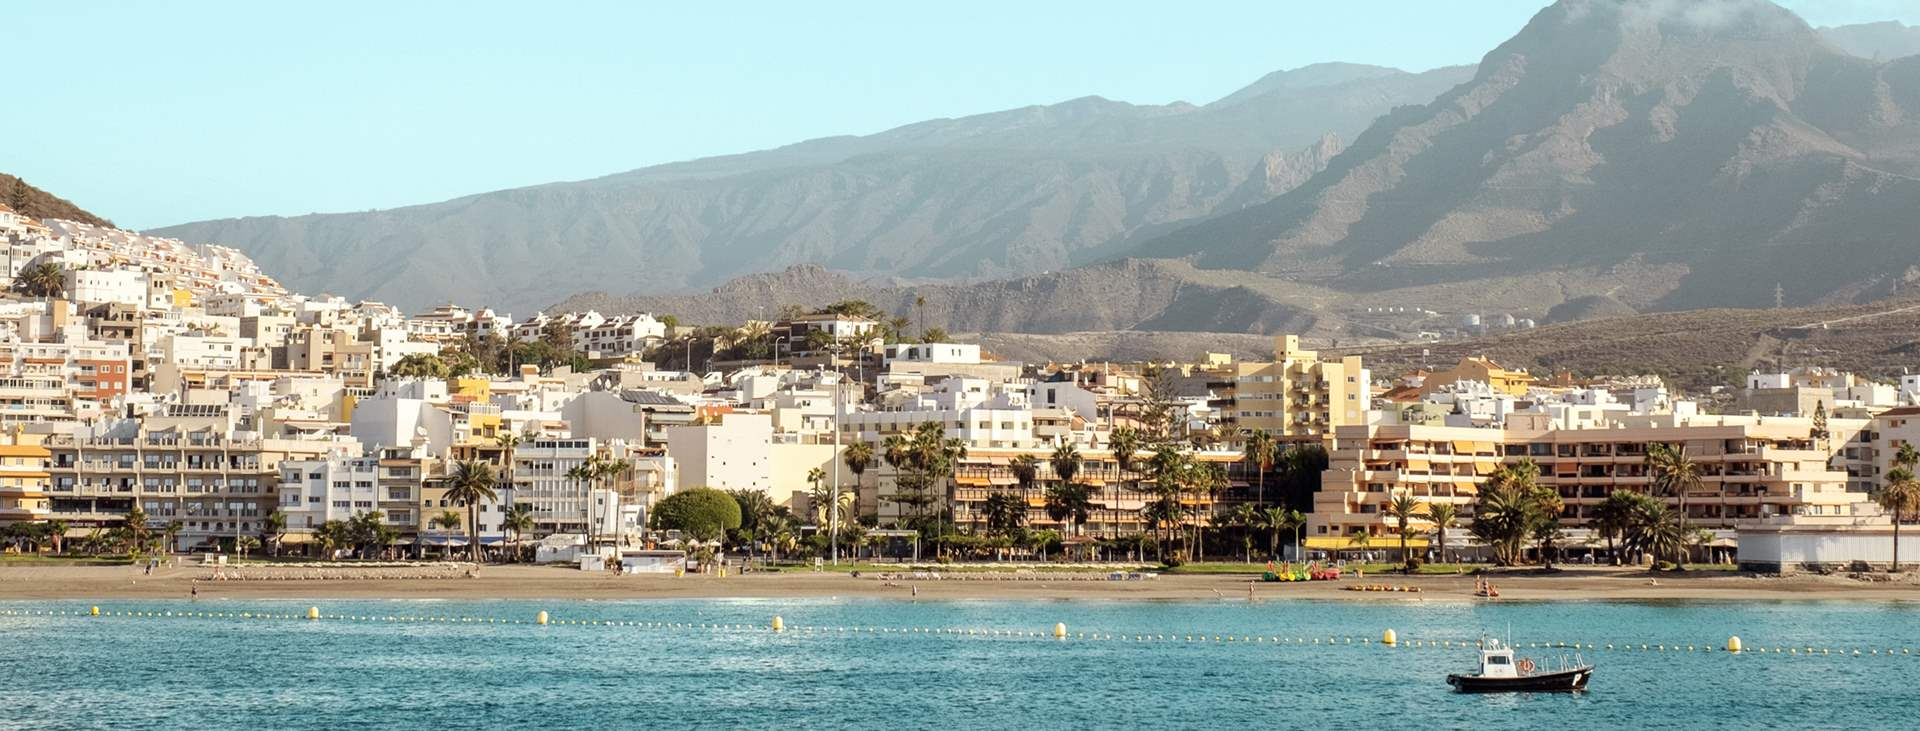 Bestill en reise med Ving til Los Cristianos på Tenerife